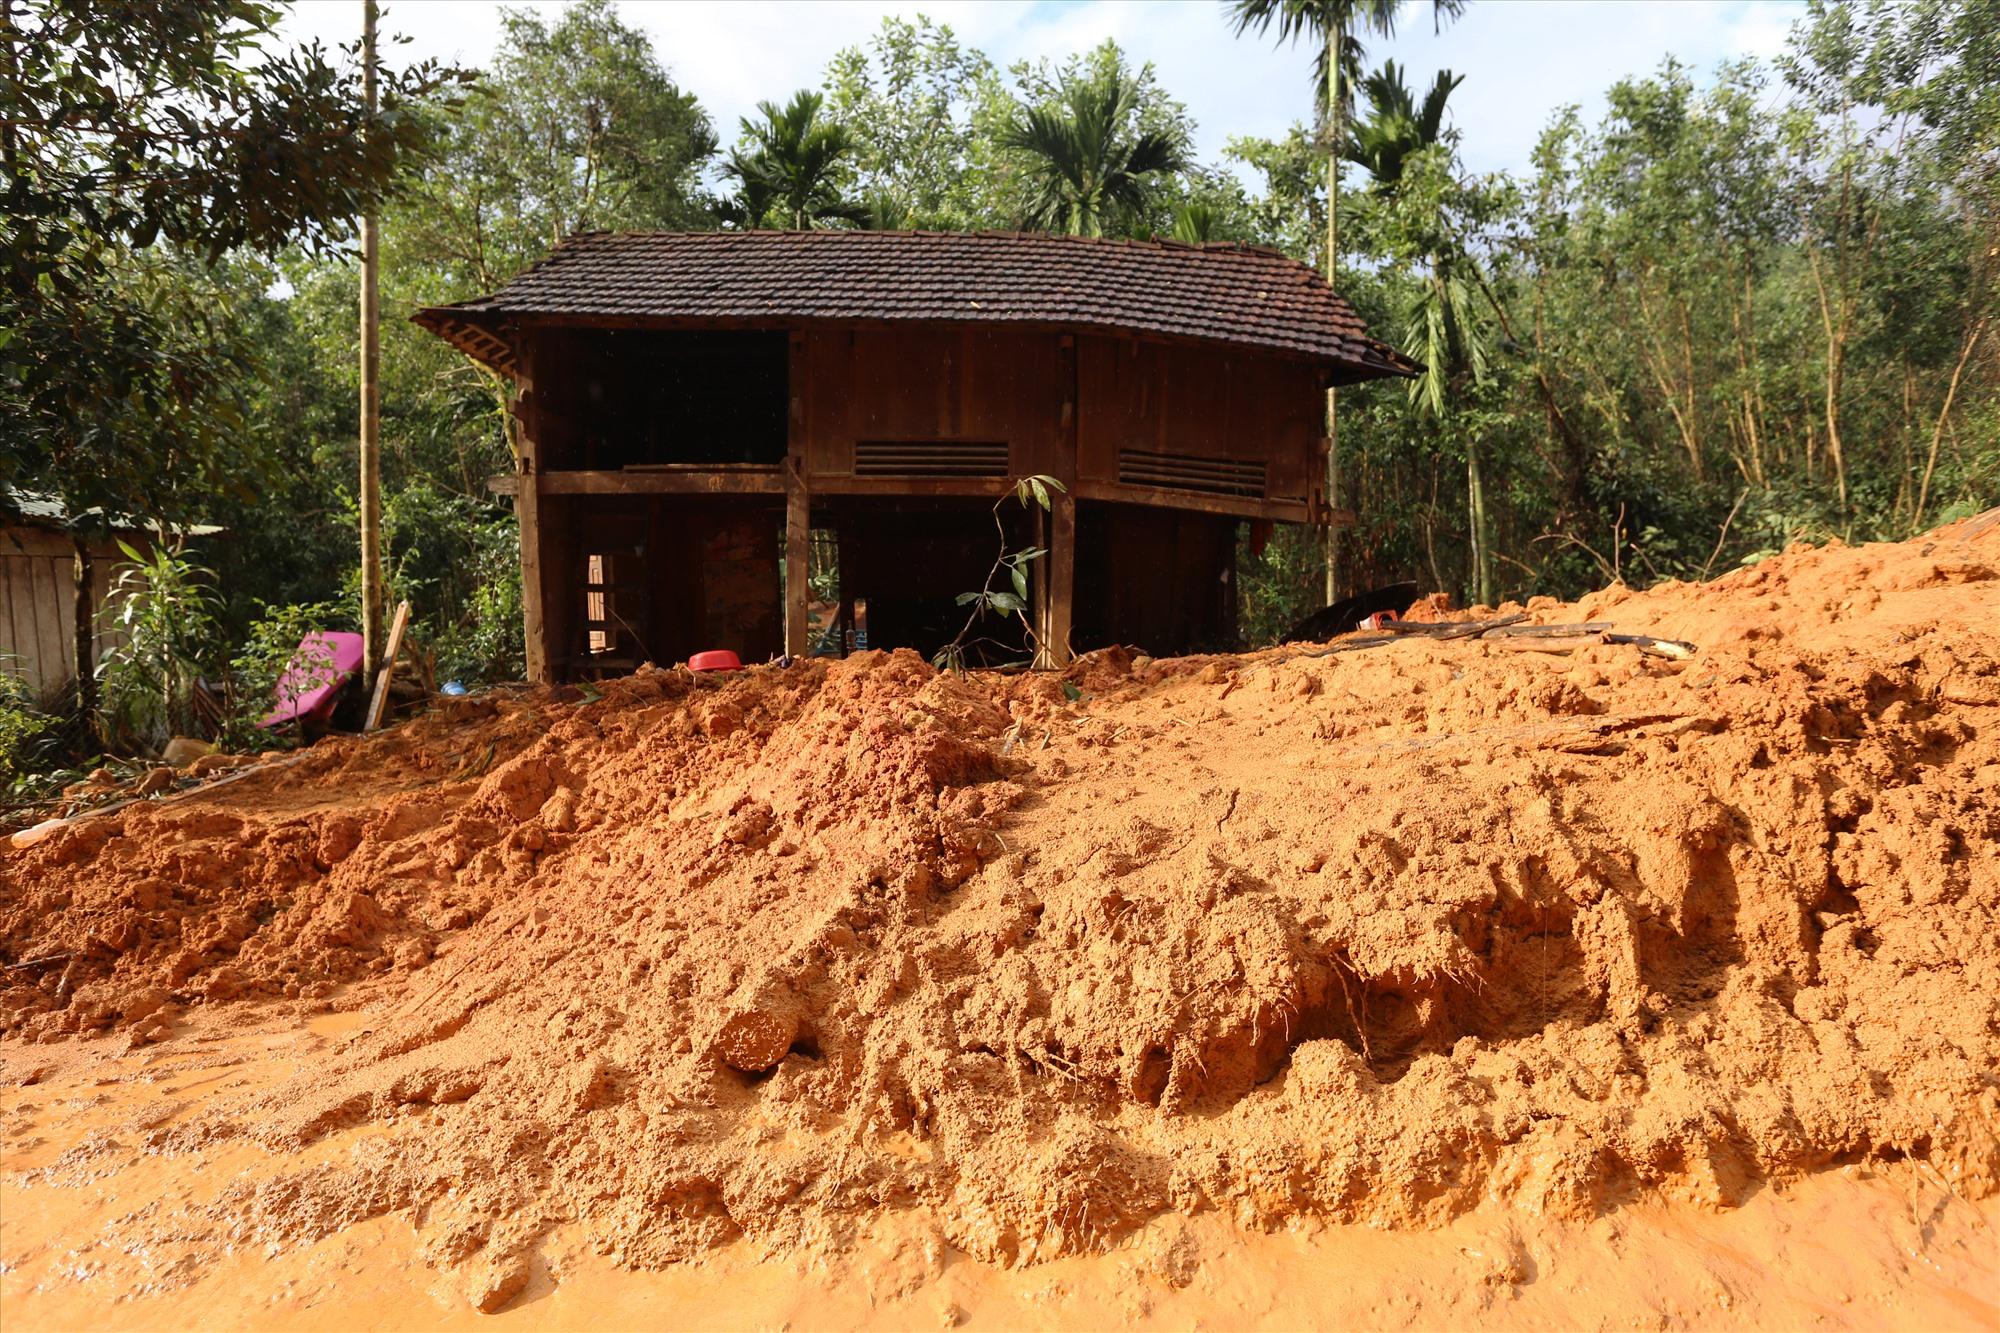 Nhà của bà Hồ Thị Phải, thôn 1, xã Trà Giác, huyện Bắc Trà My nằm ven đường bị đất sạt lở xuống vùi lấp 1 m. Ván thưng xung quanh bị đẩy bung ra khỏi nhà, hôm sạt lở mọi người kịp chạy thoát ra ngoài.